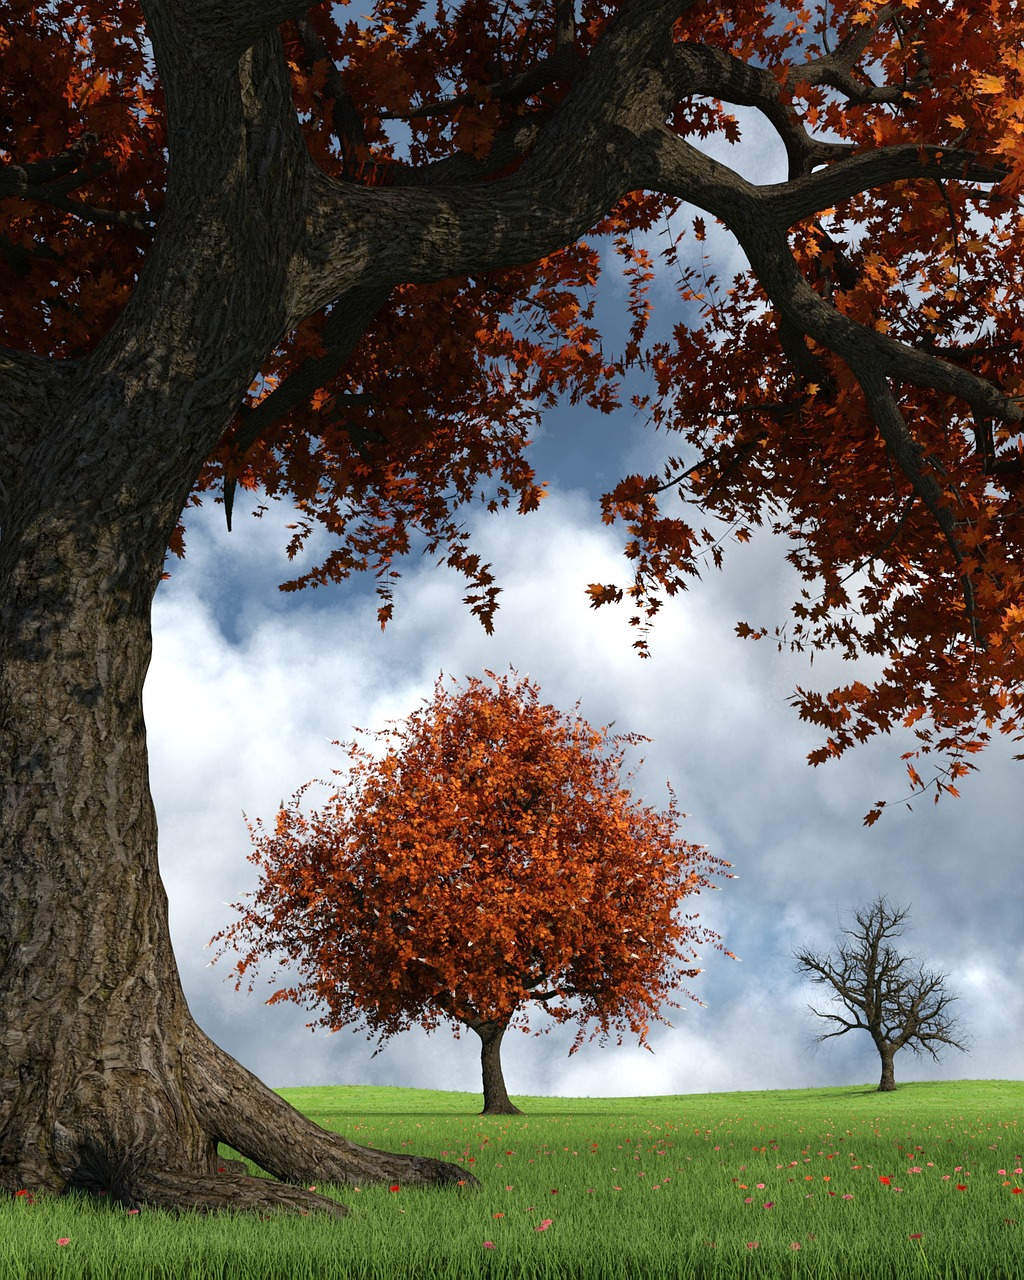 OBRÁZEK : autumn-2809498_1280.jpg